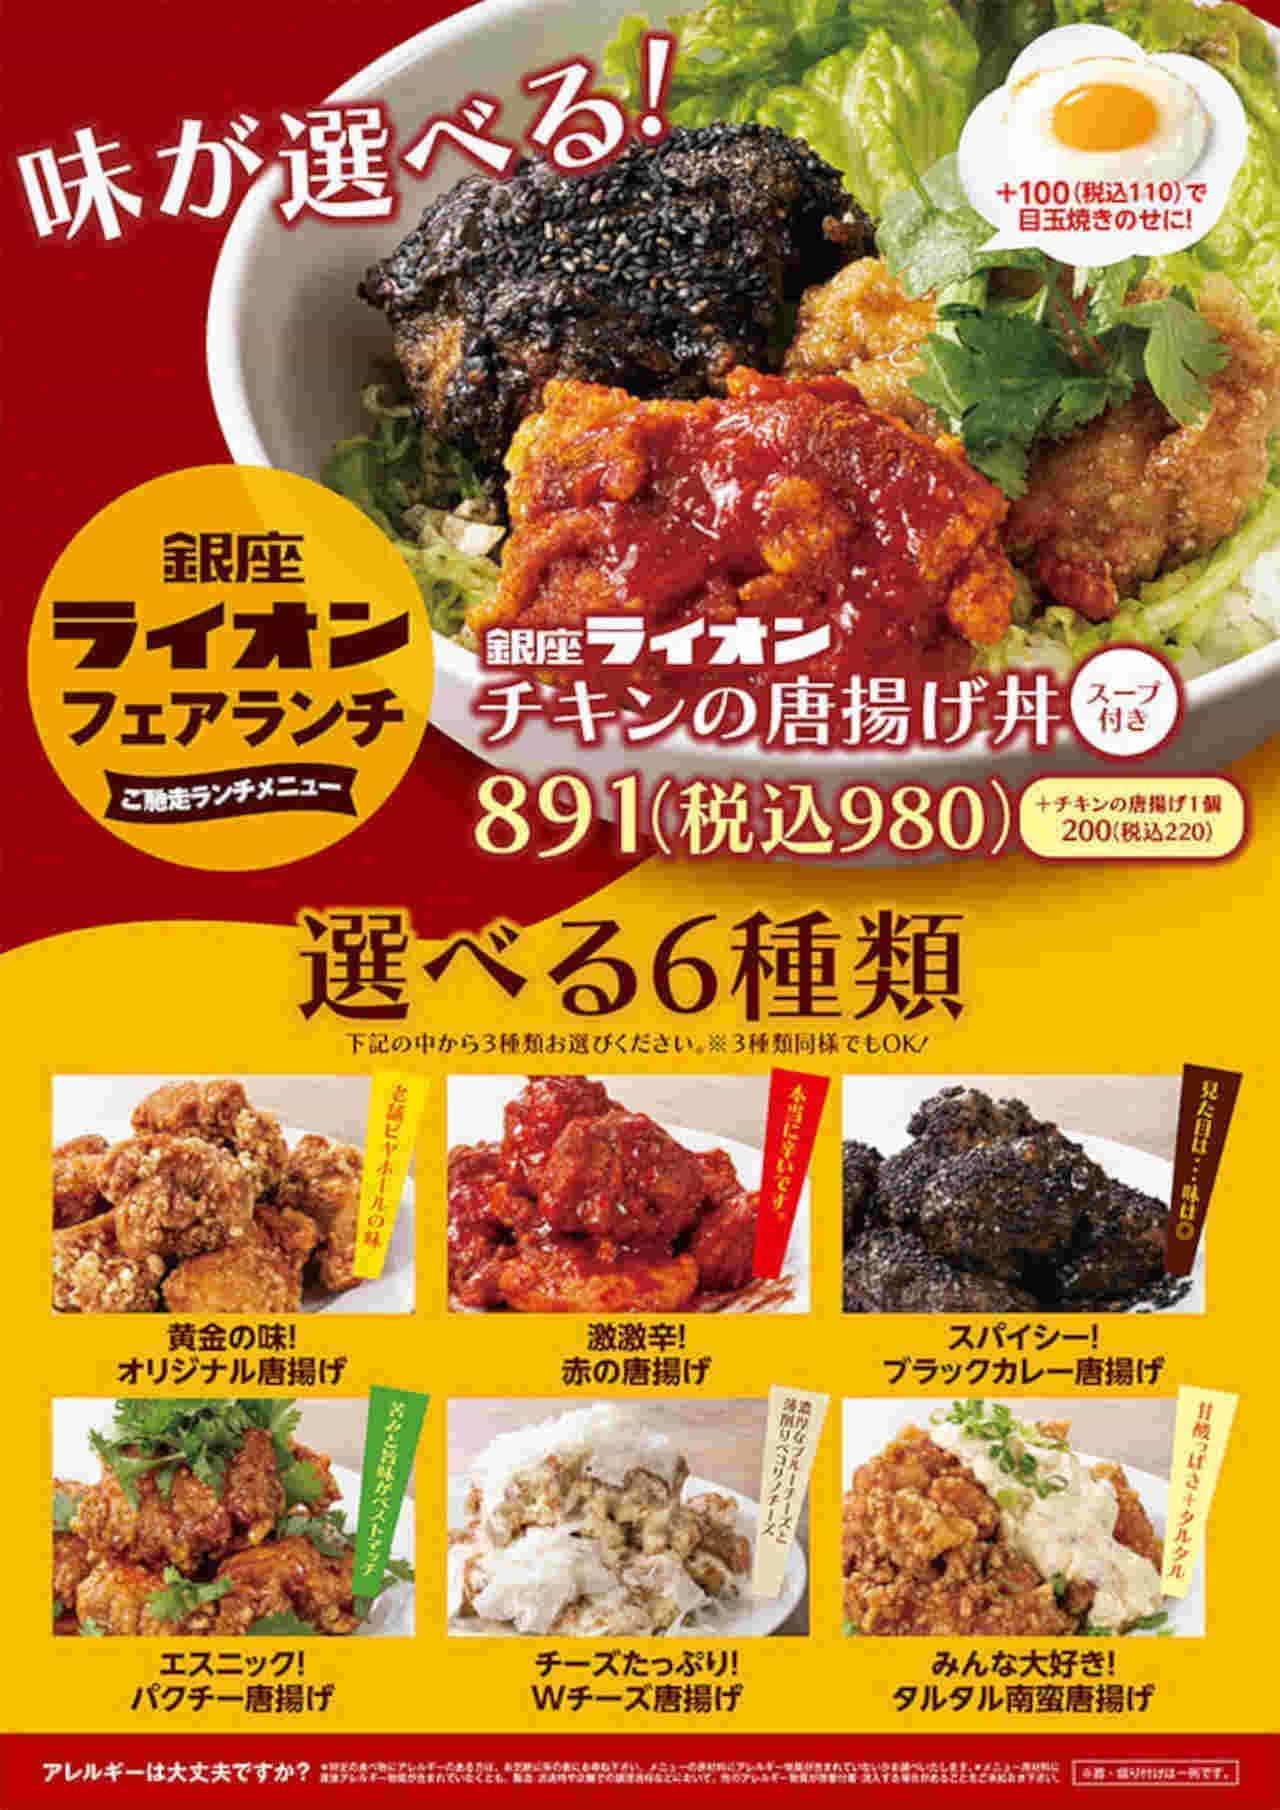 銀座ライオン 「チキンの唐揚げ丼」